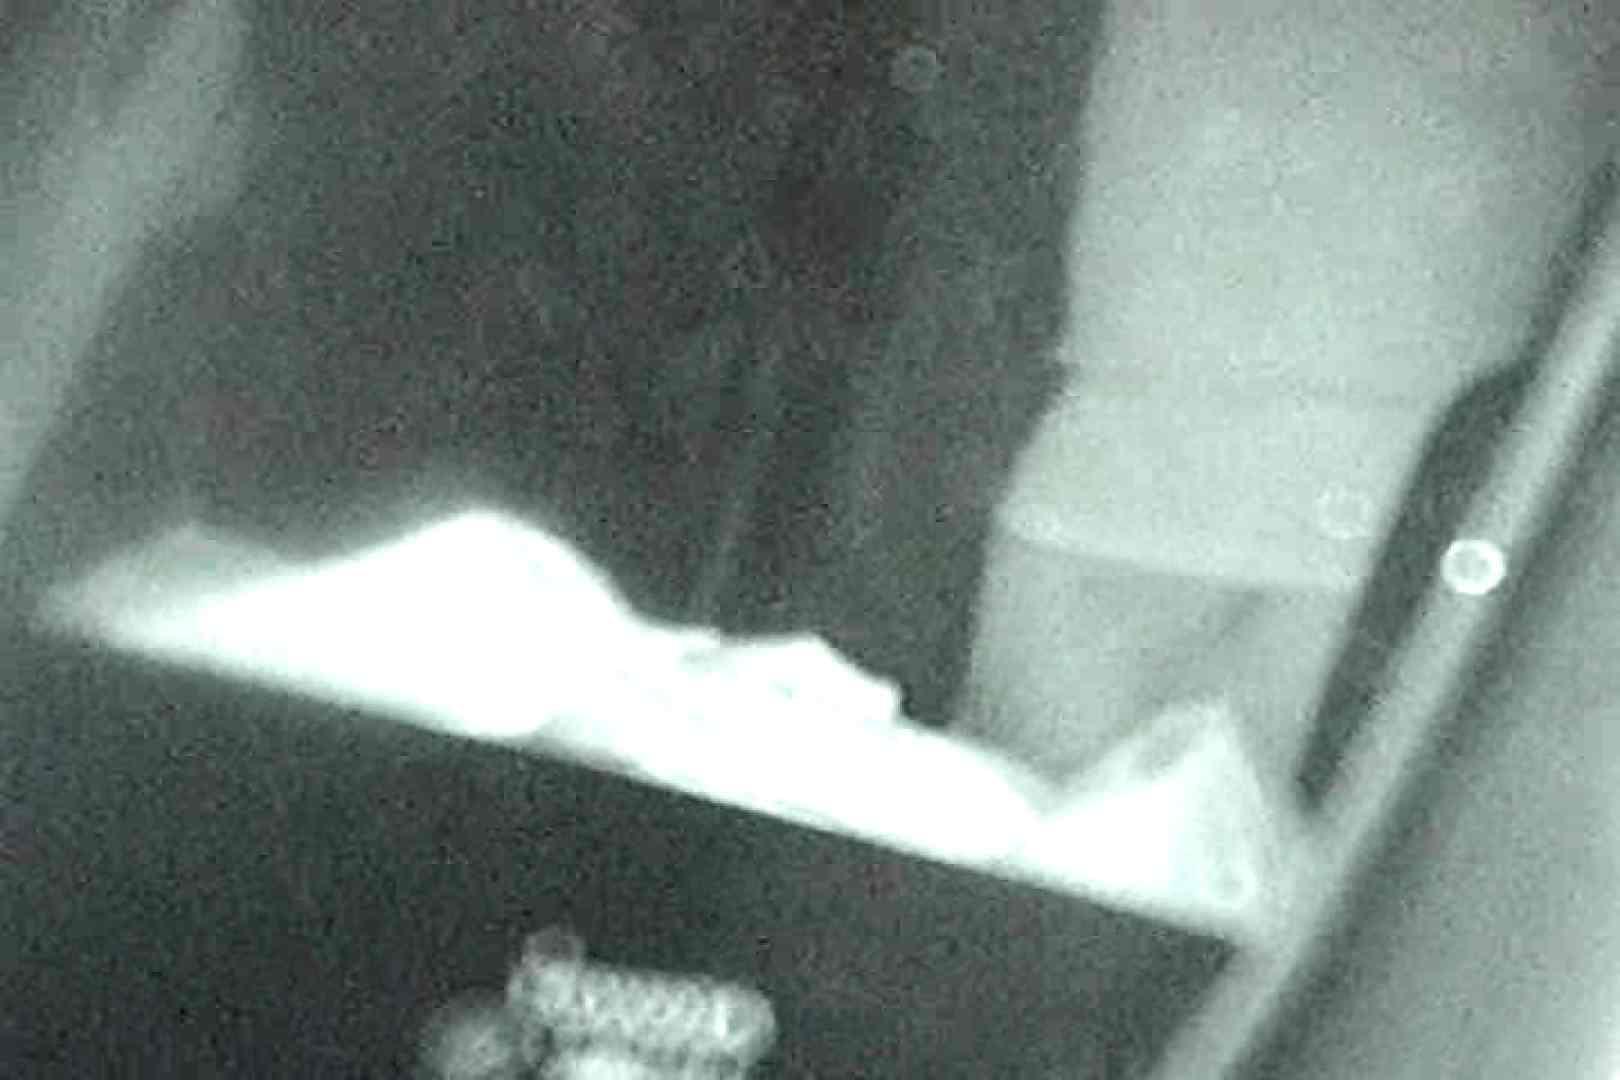 充血監督の深夜の運動会Vol.2 セックス 戯れ無修正画像 84pic 83